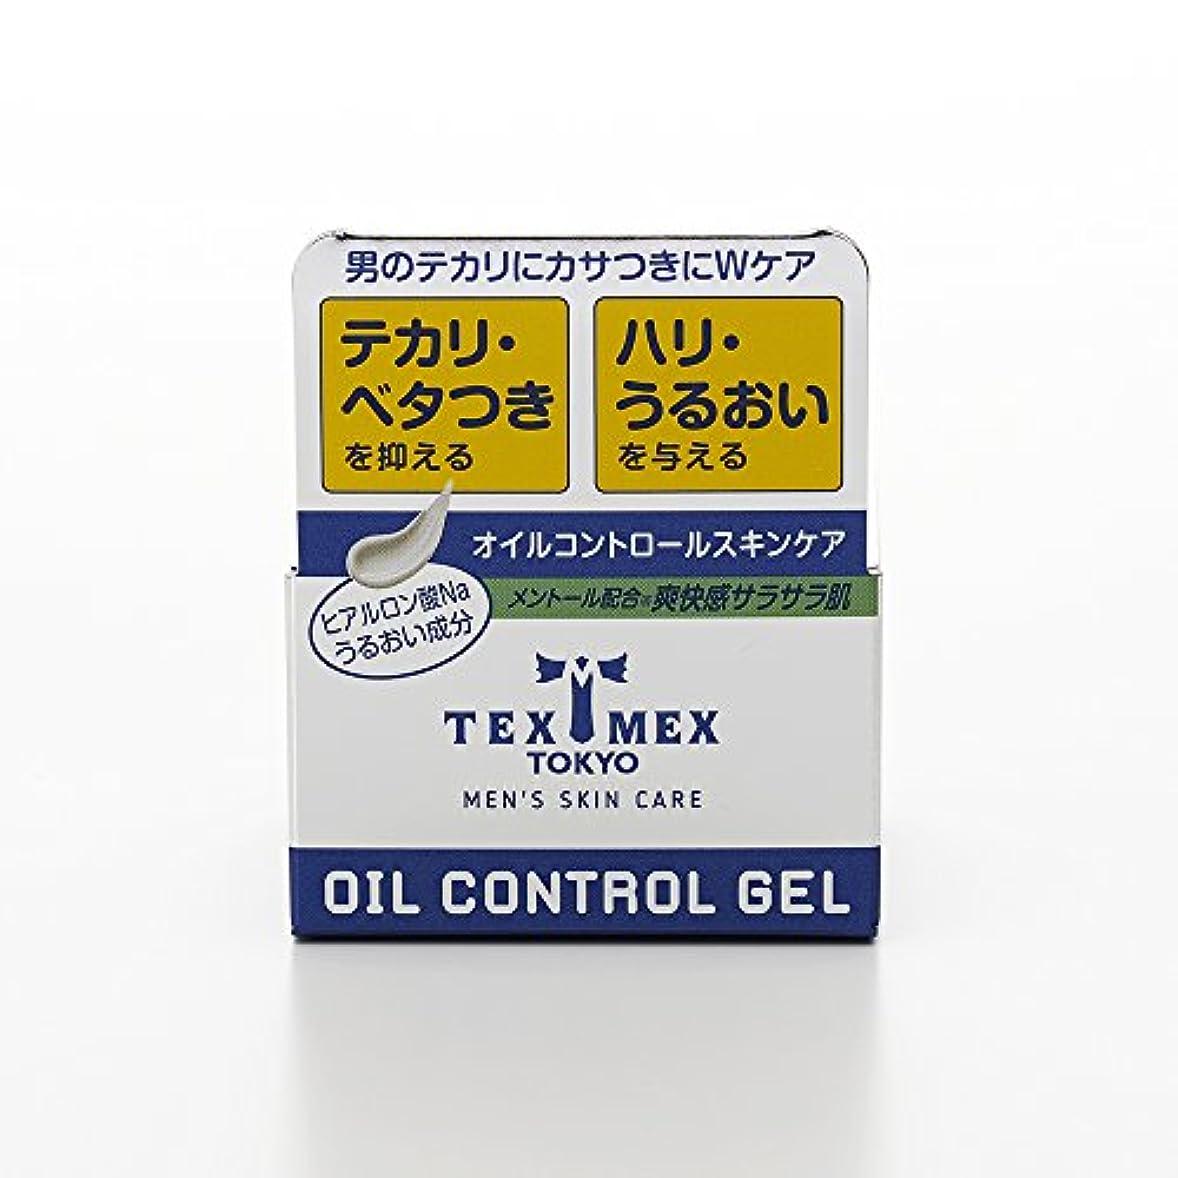 推論模索バケットテックスメックス オイルコントロールジェル 24g (テカリ防止ジェル) 【塗るだけでサラサラ肌に】